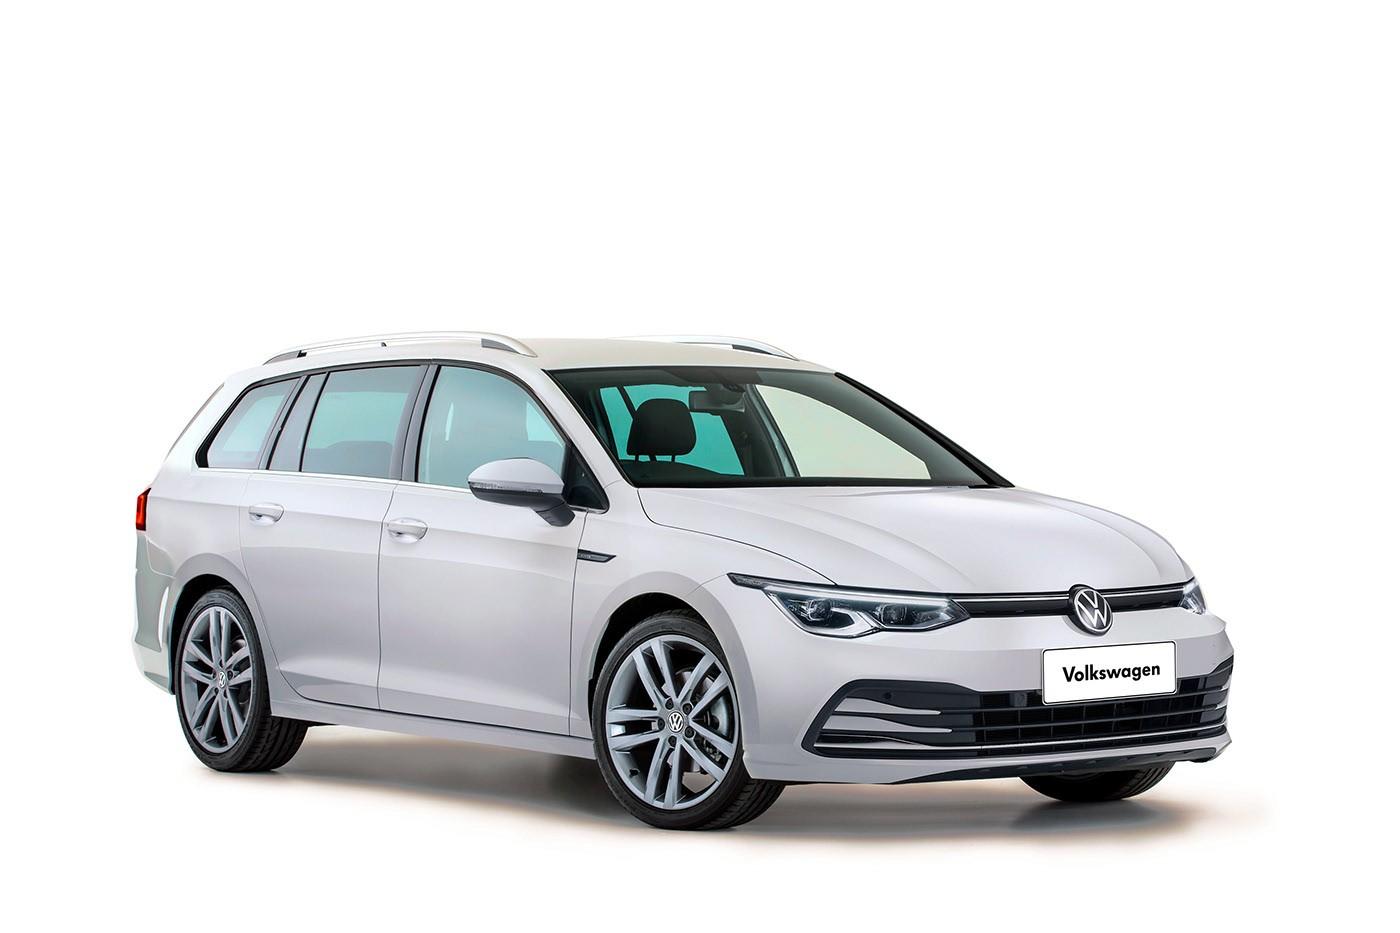 2021 Volkswagen Golf Sportwagen Concept